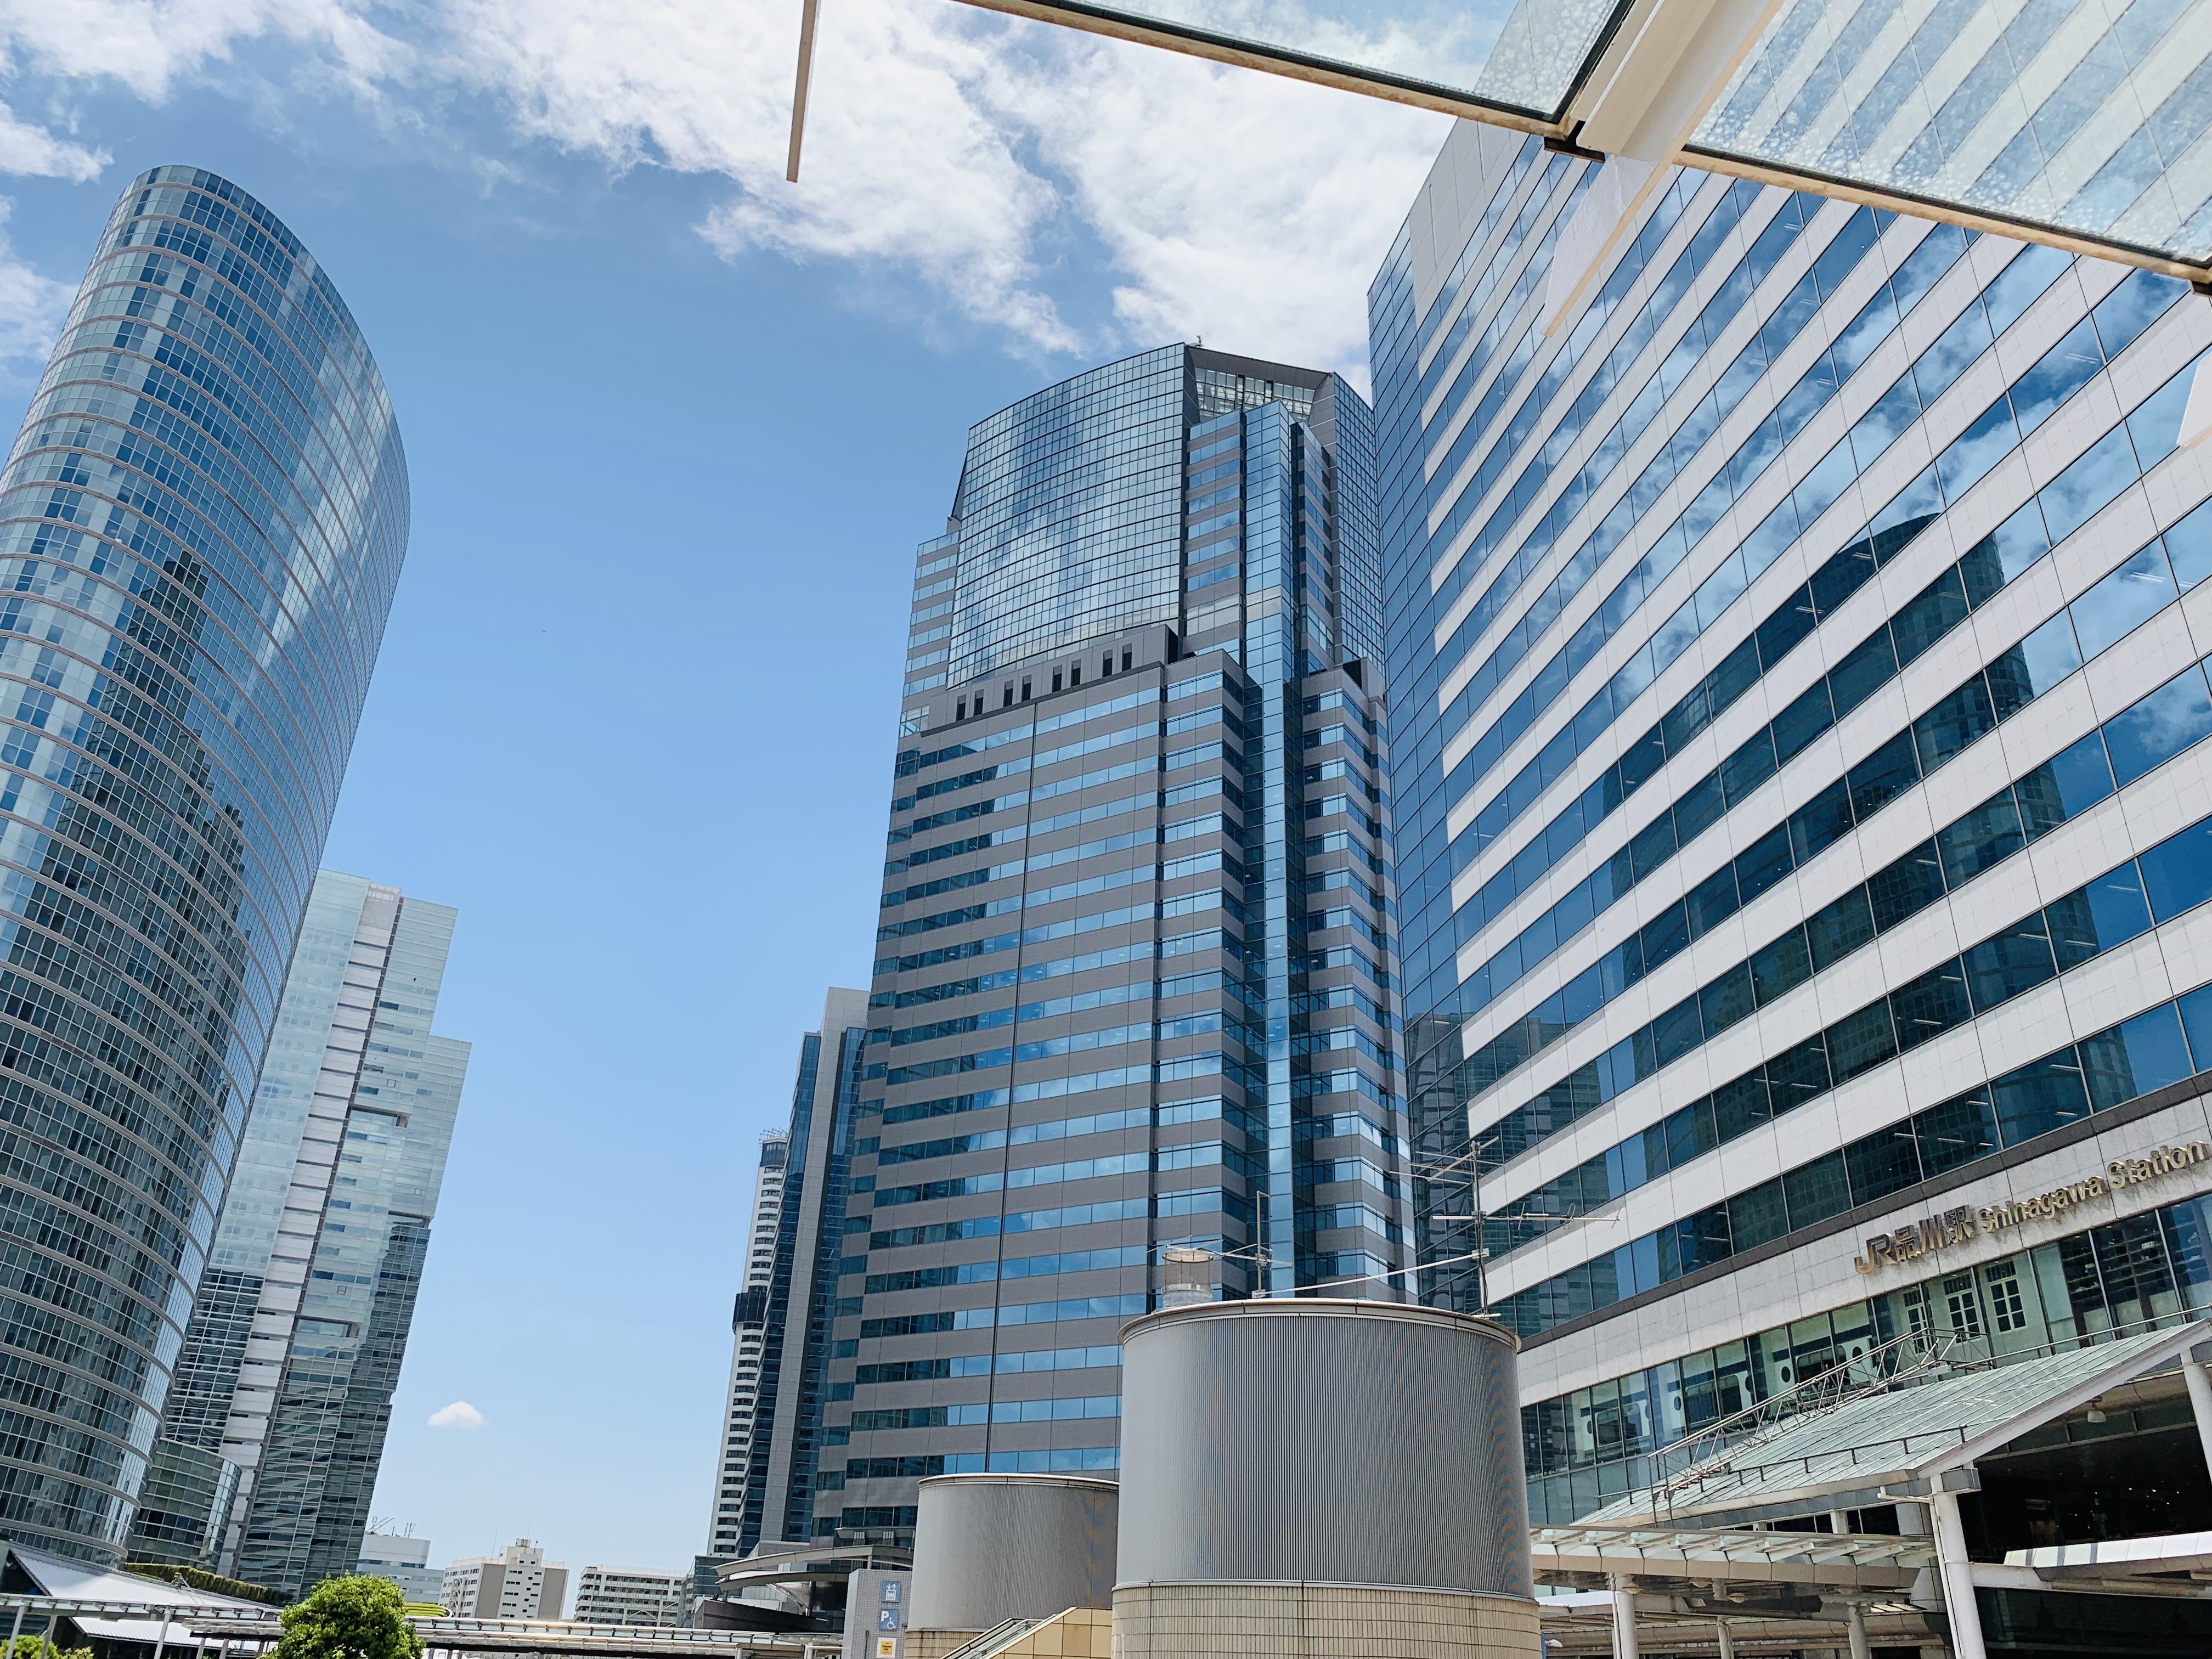 品川駅(港南口)の画像です